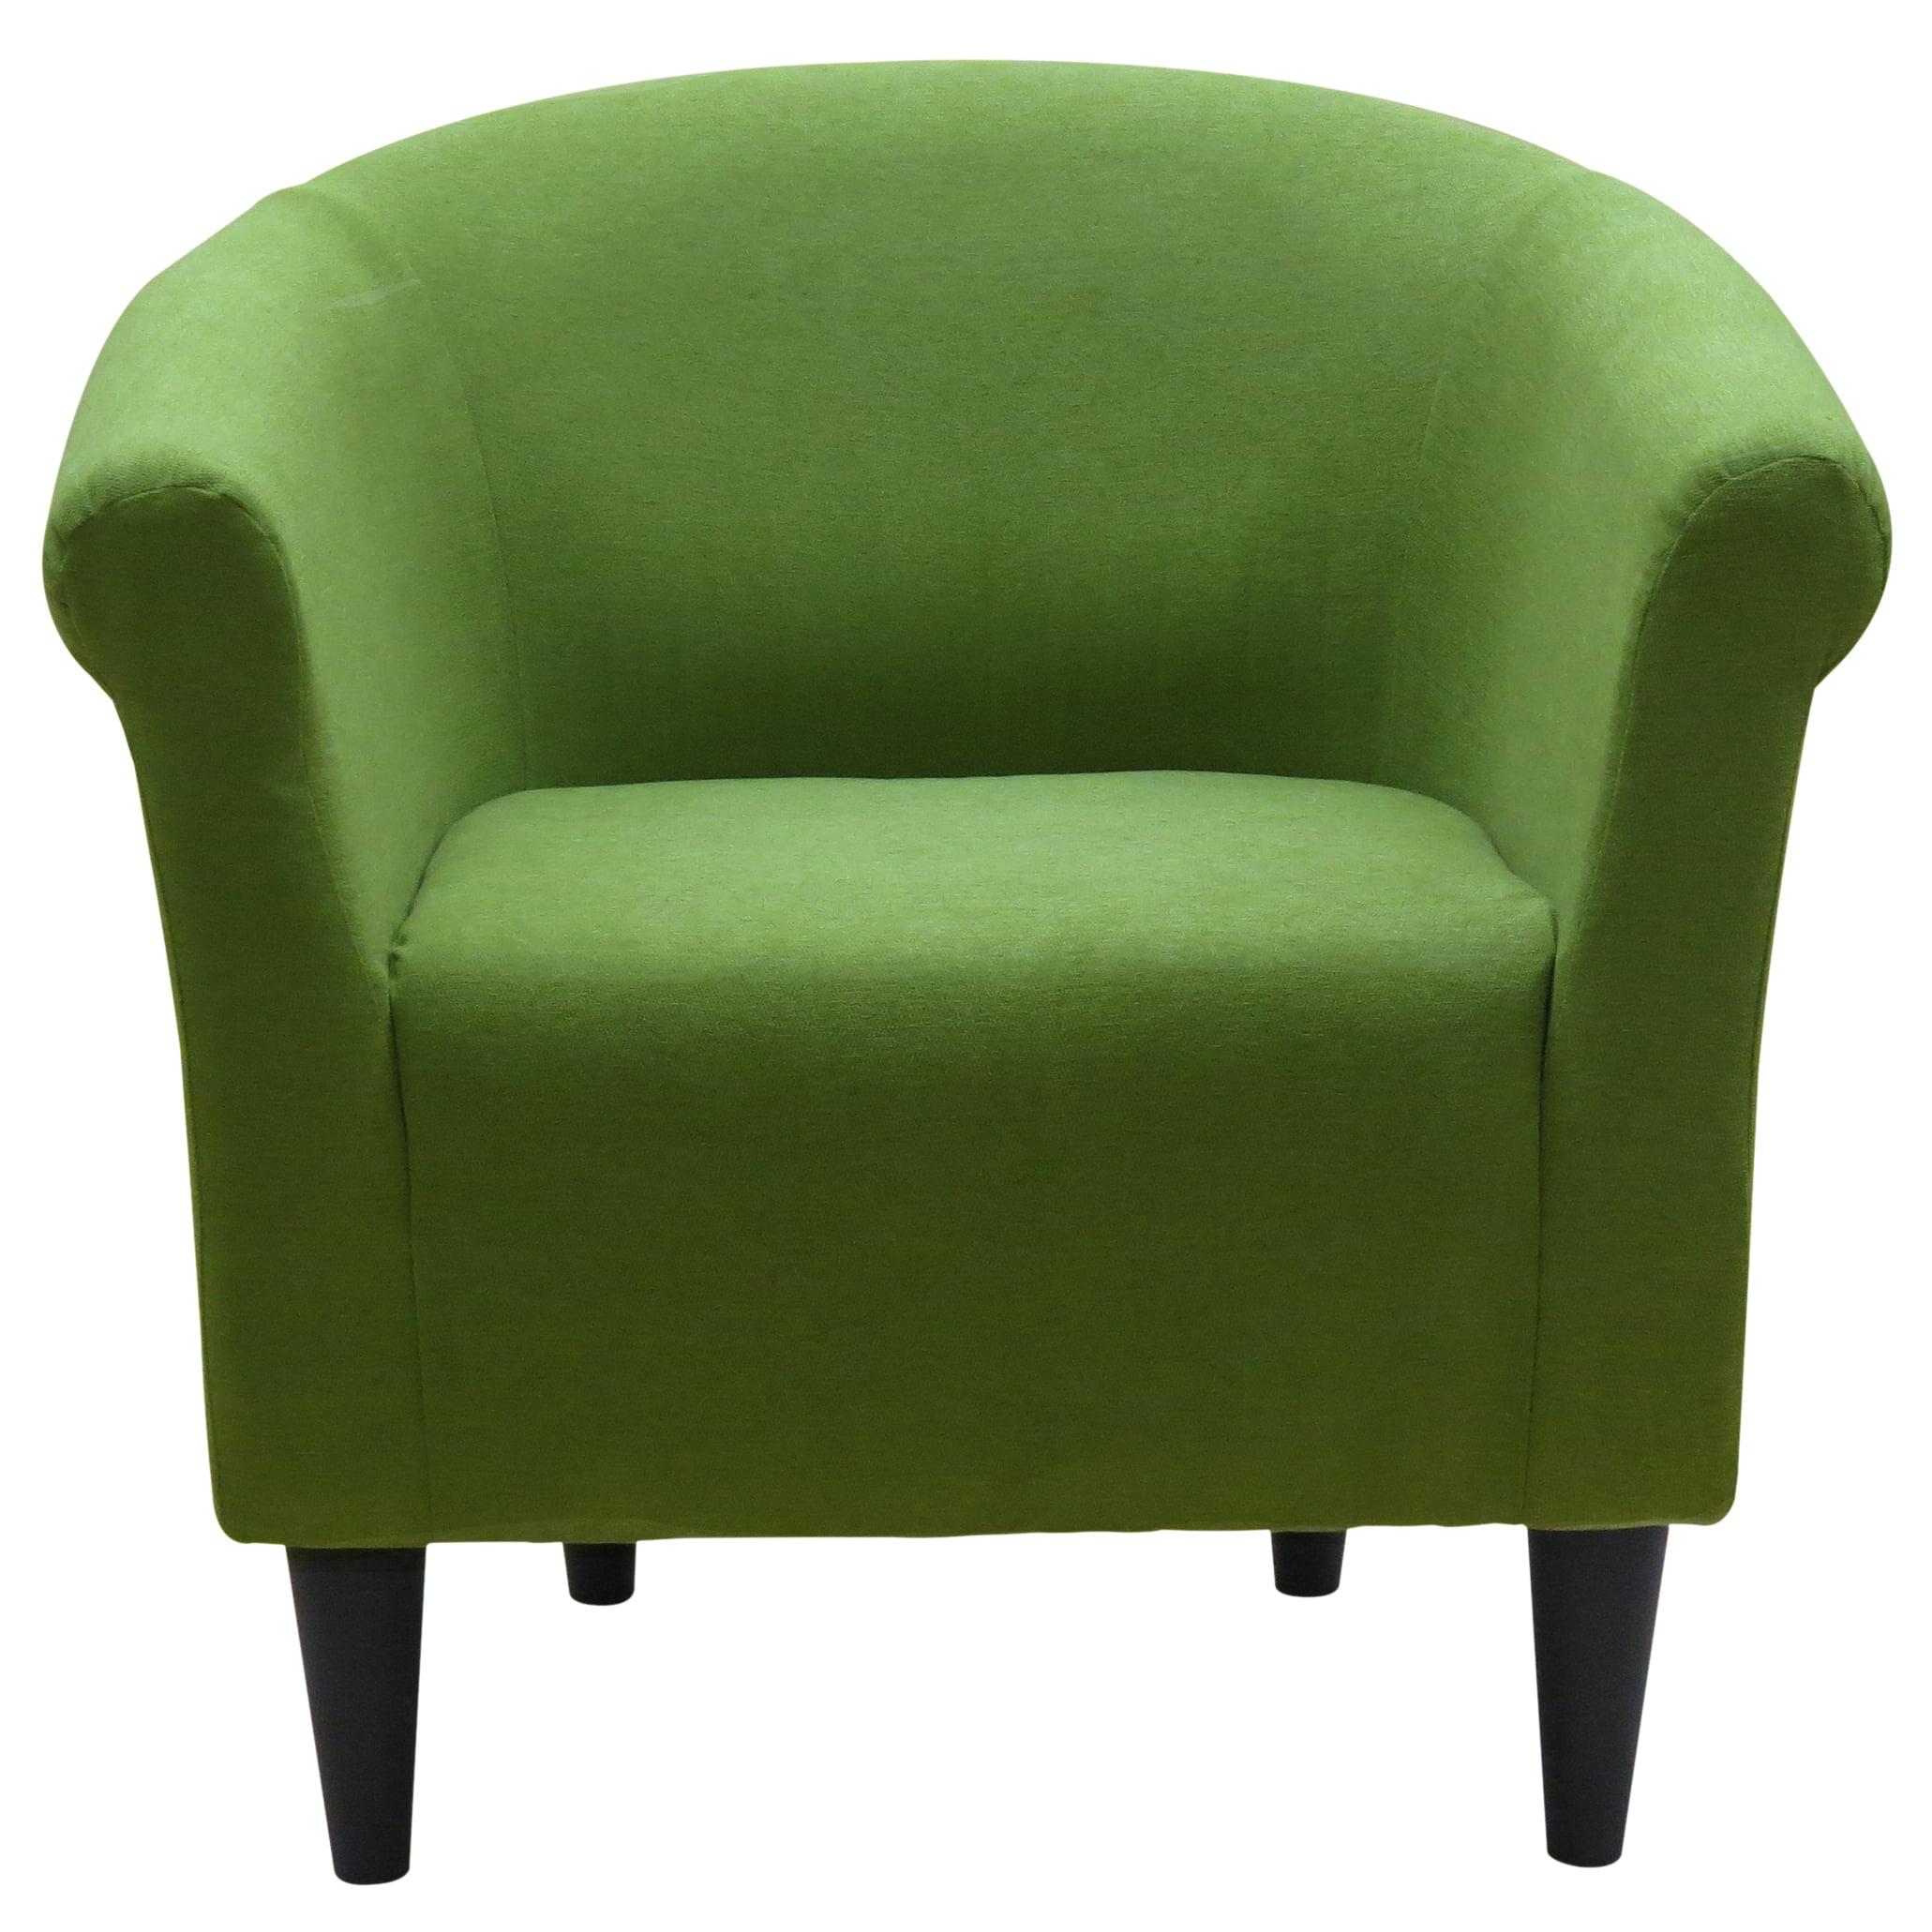 Newport Club Chair - Fern Green